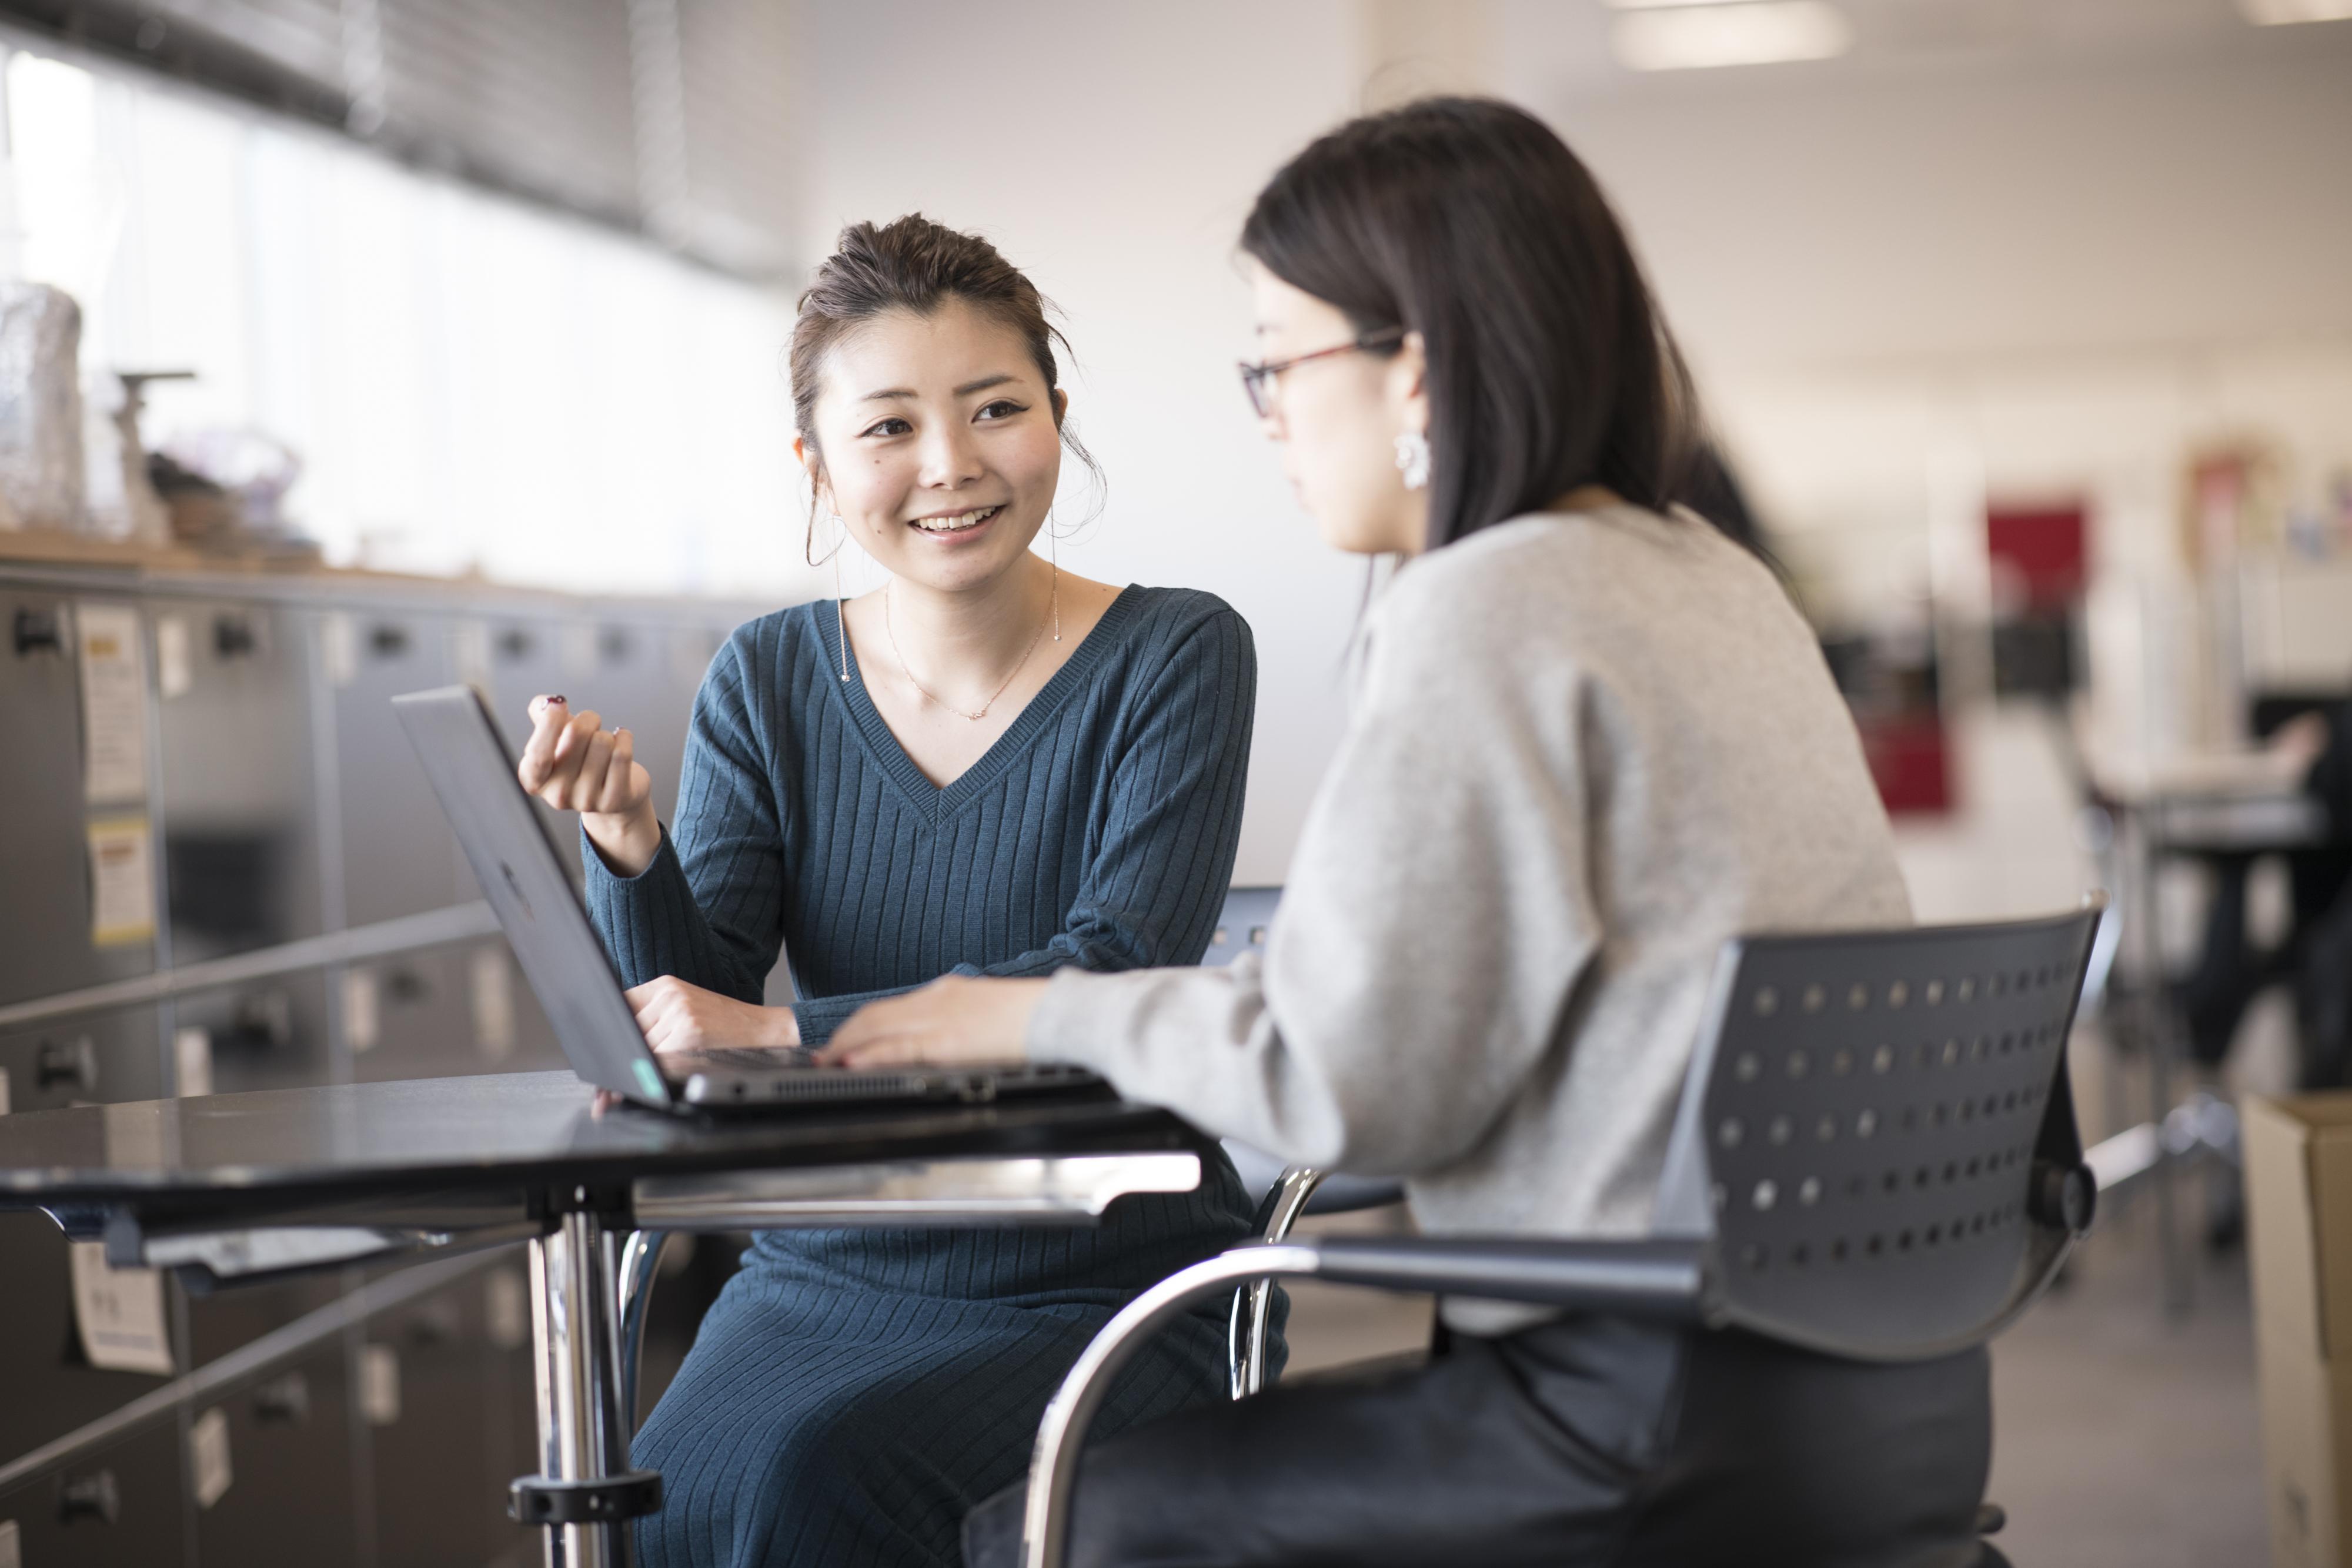 グローバル企業であなたの語学力を試してみませんか?